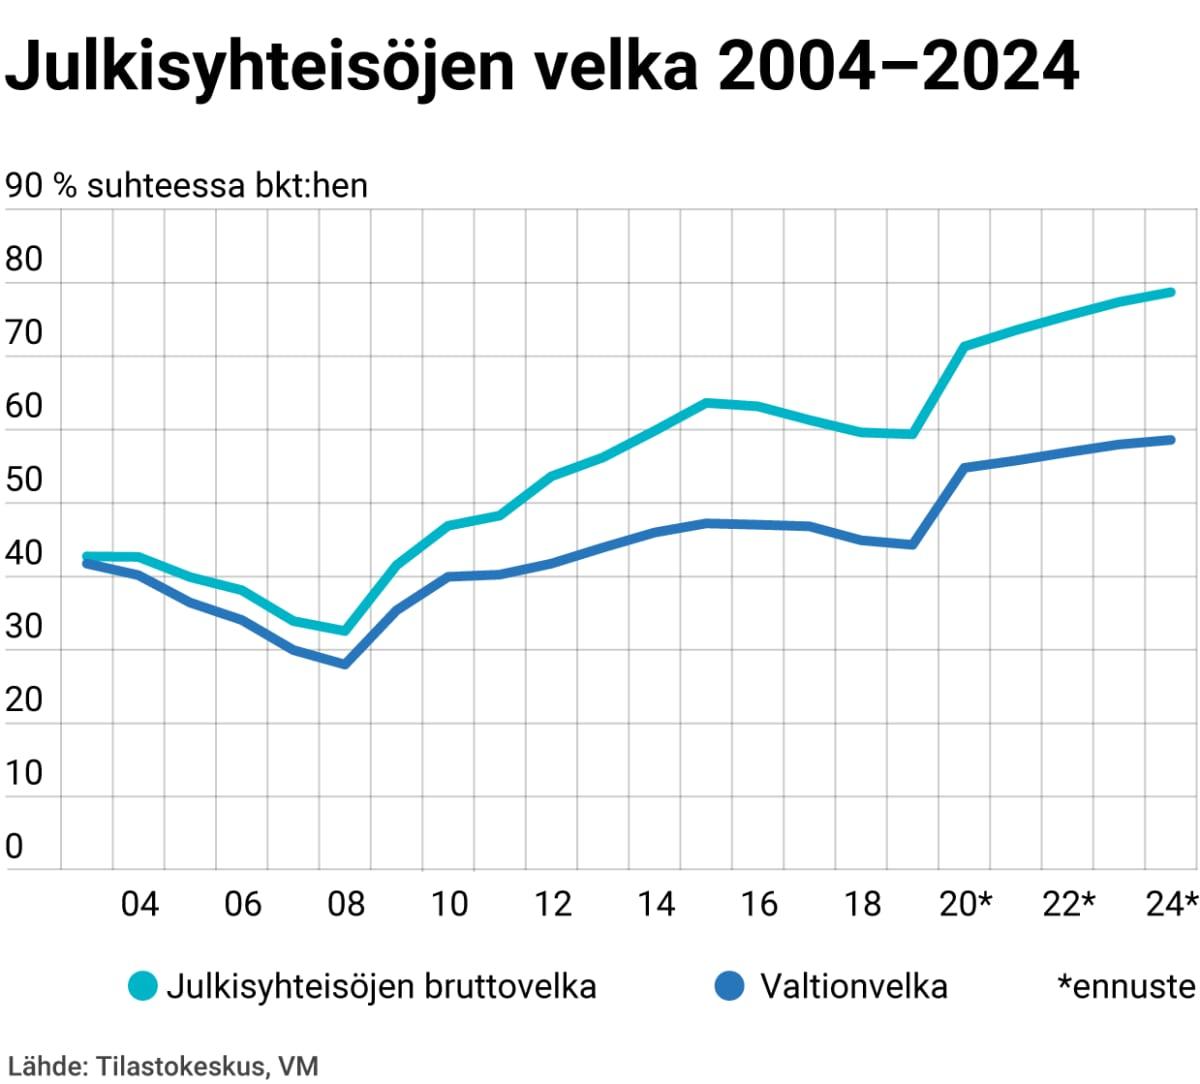 Julkisyhteisöjen velka 2004–2024